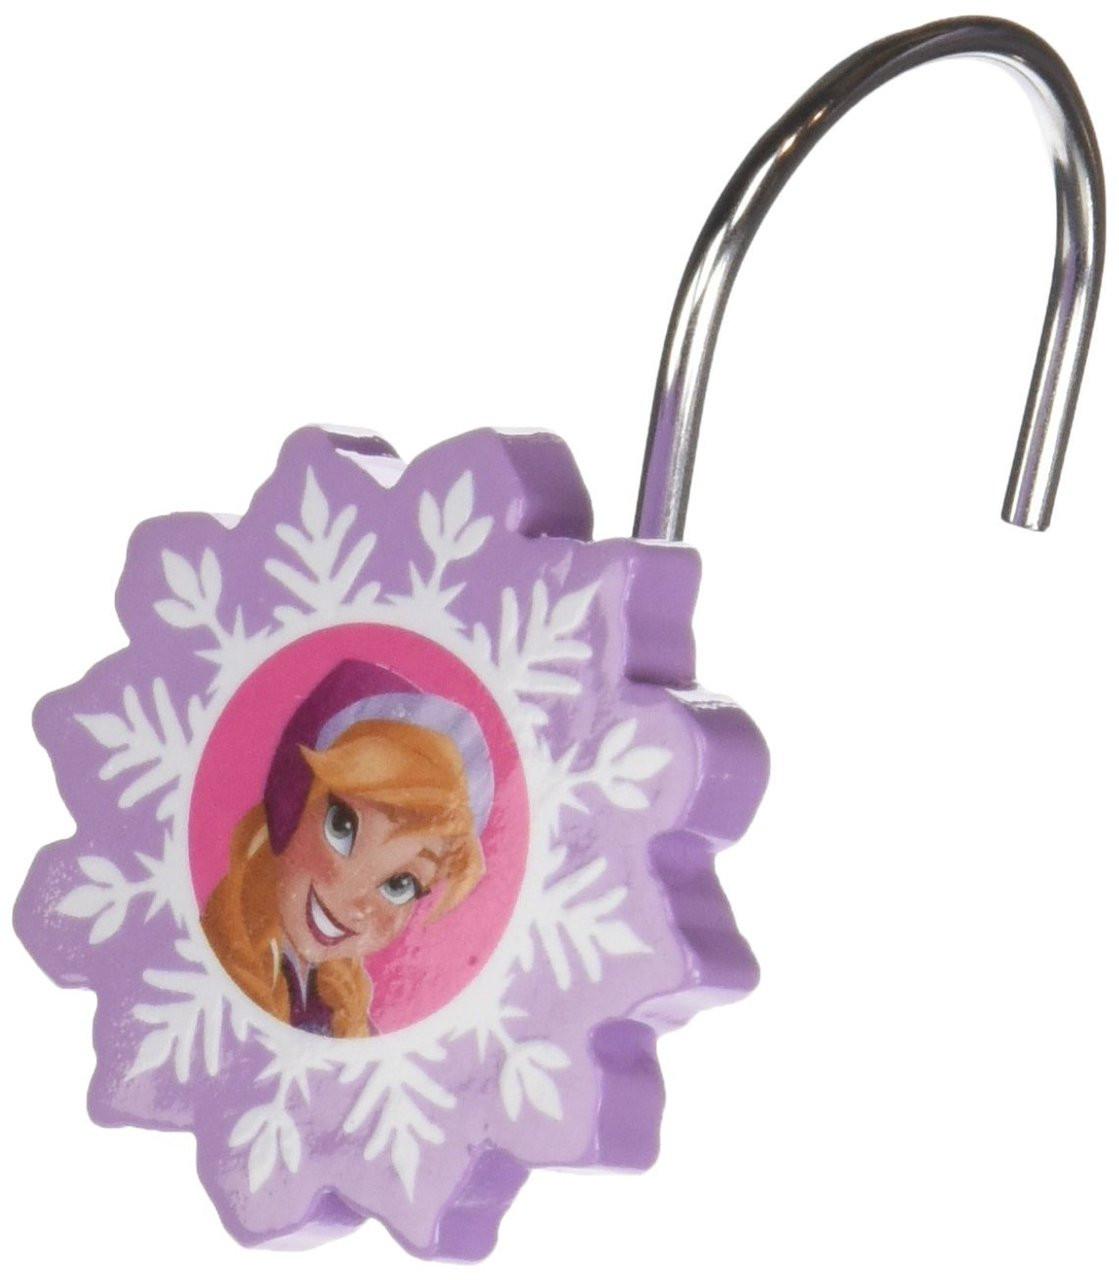 Disney Frozen Lovely Shower Curtain Hooks Image 1